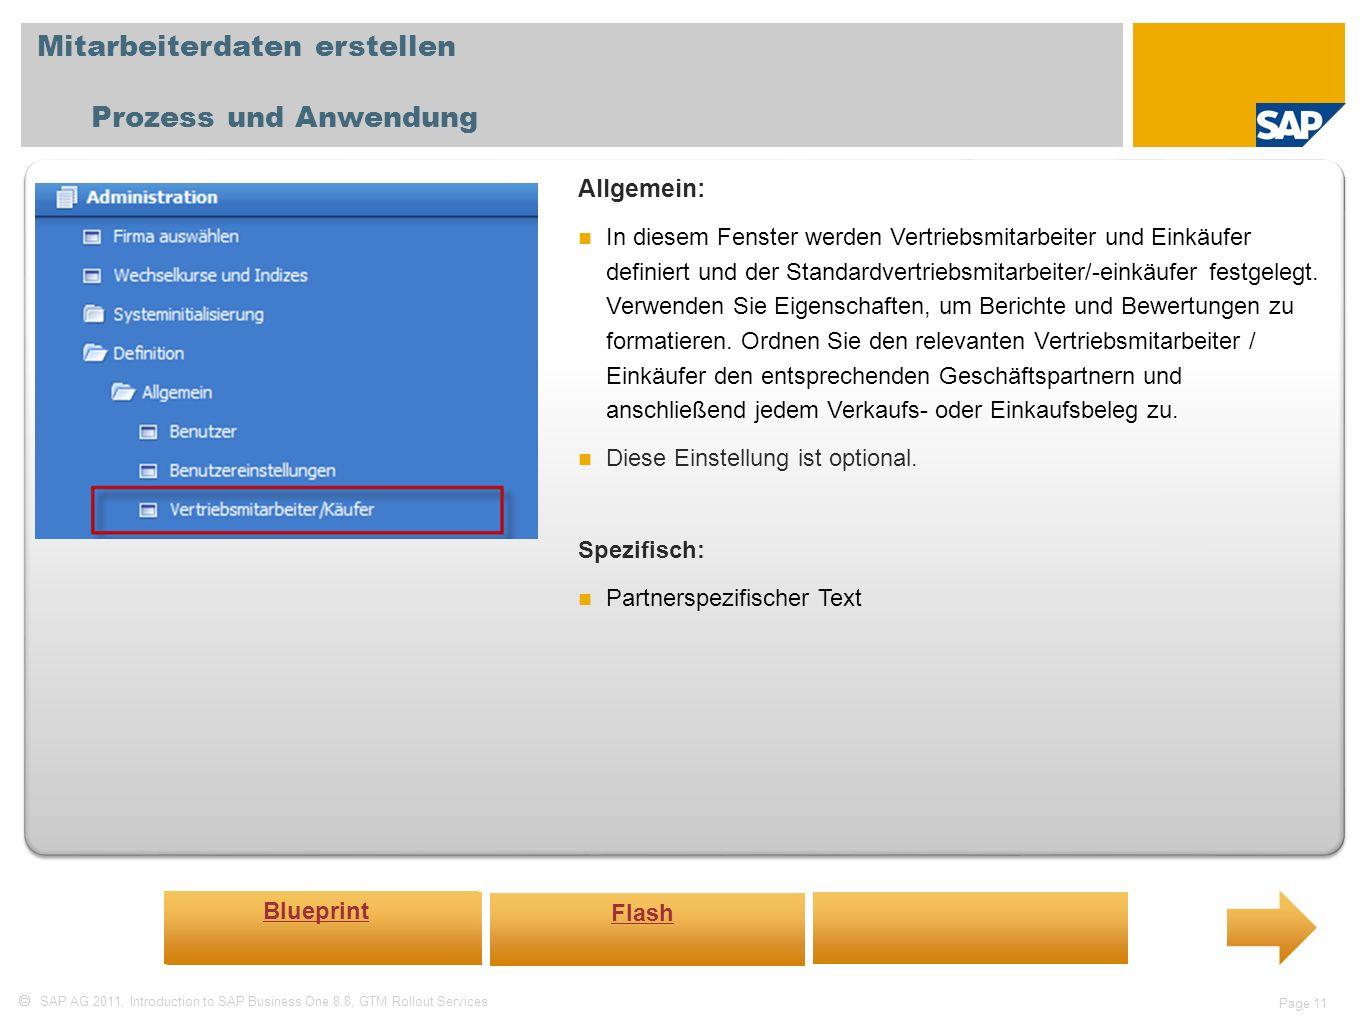 Mitarbeiterdaten erstellen Prozess und Anwendung